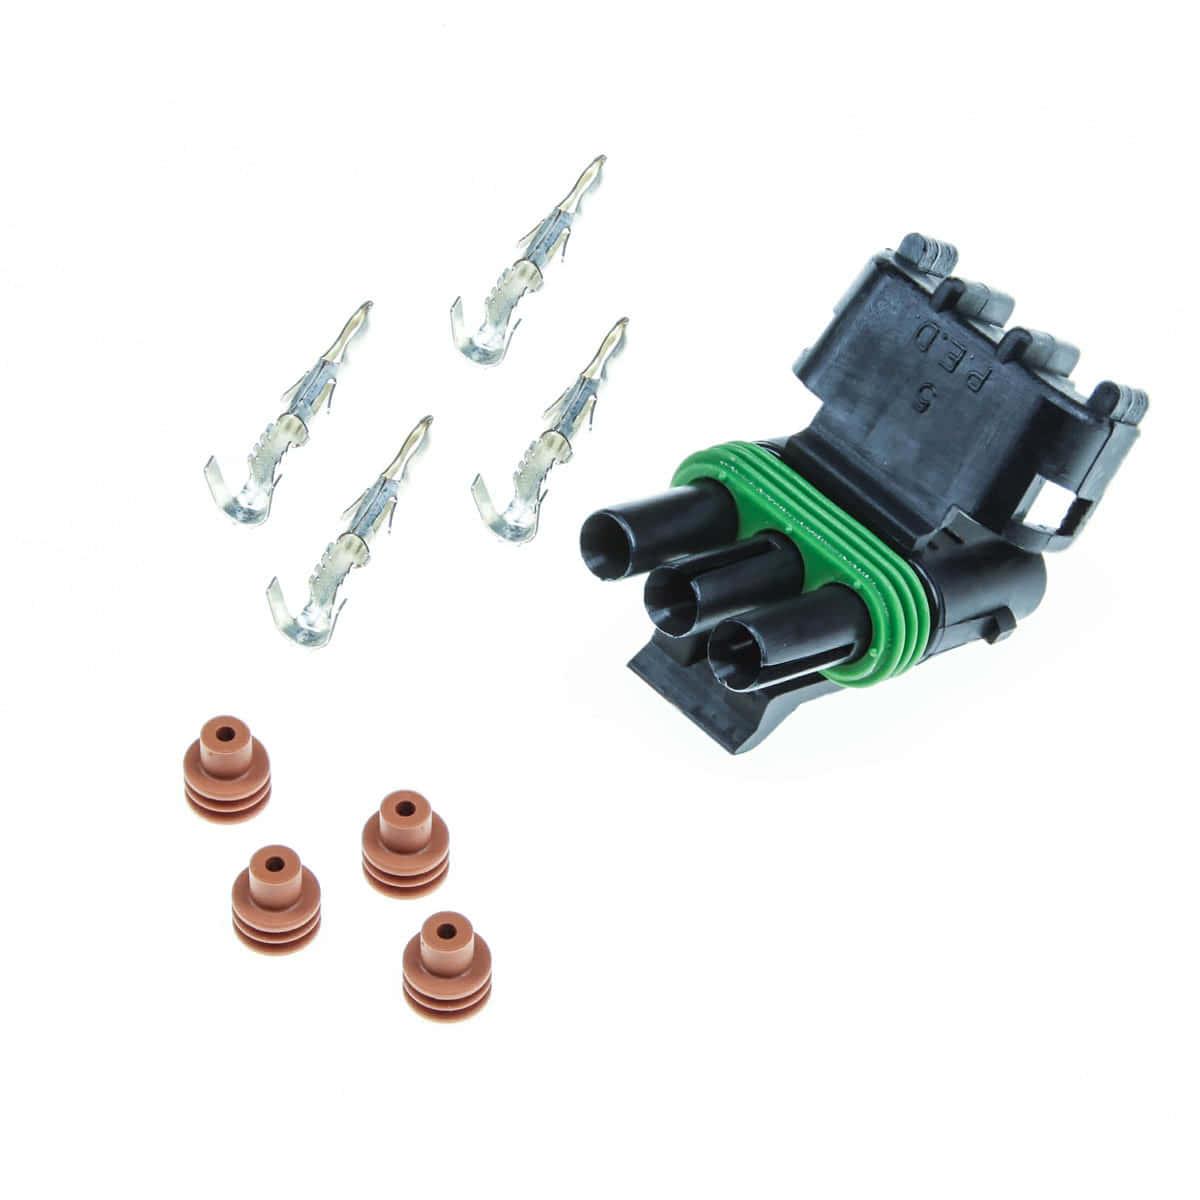 Ls1 Crank Position Sensor: MAP/MAF Sensor Connector MegaSquirt Wiring